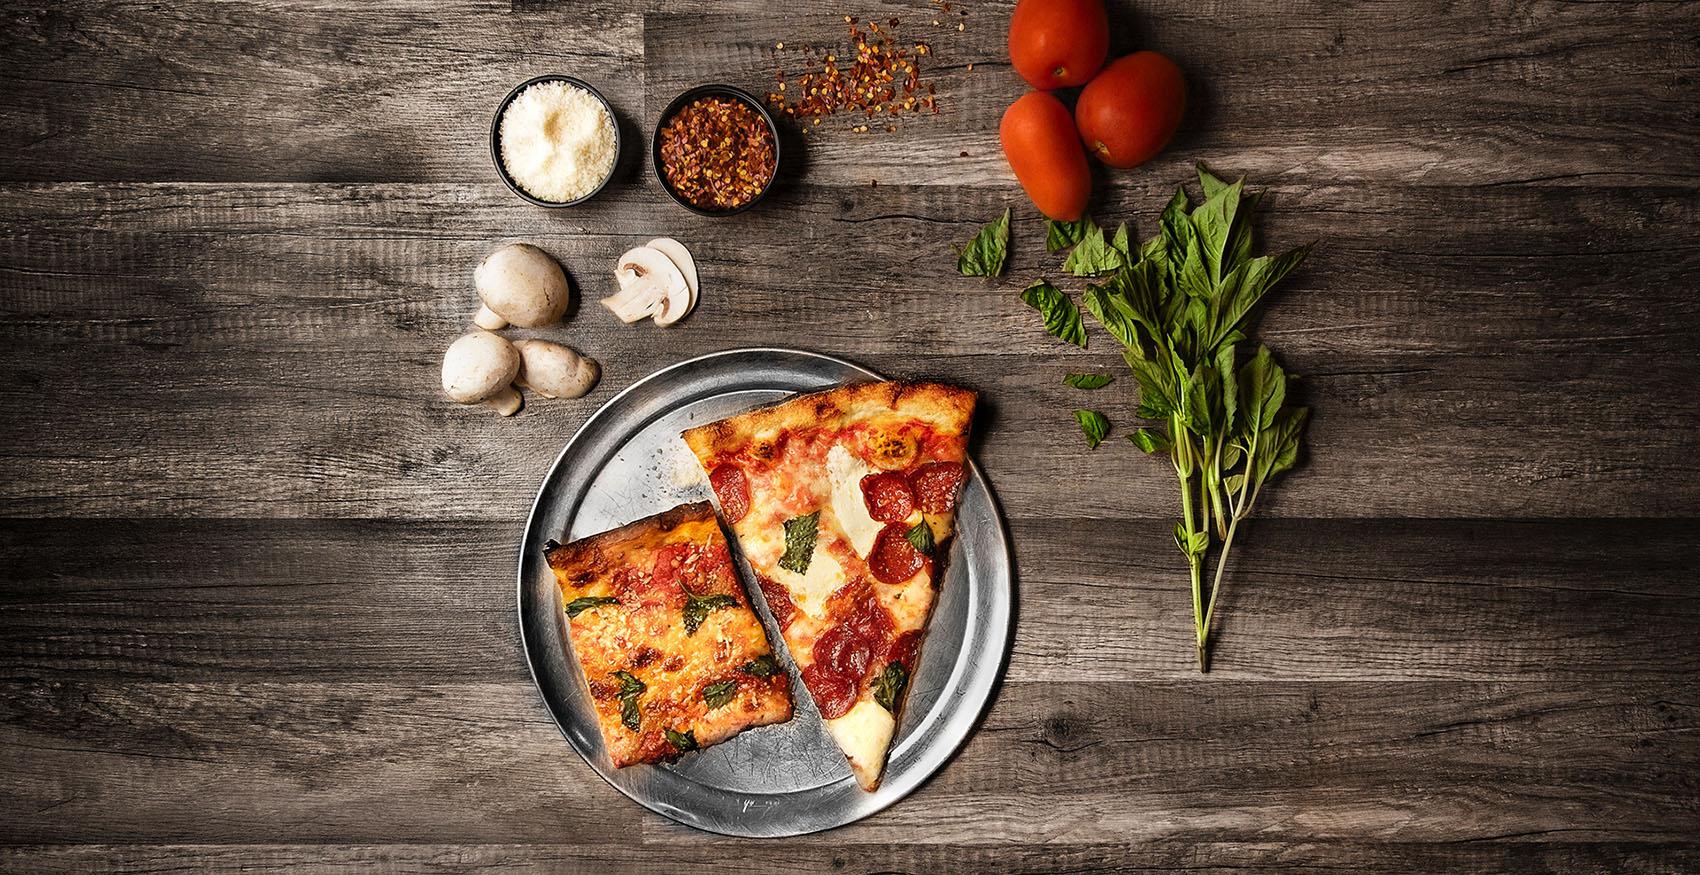 pizzapanc.de background image